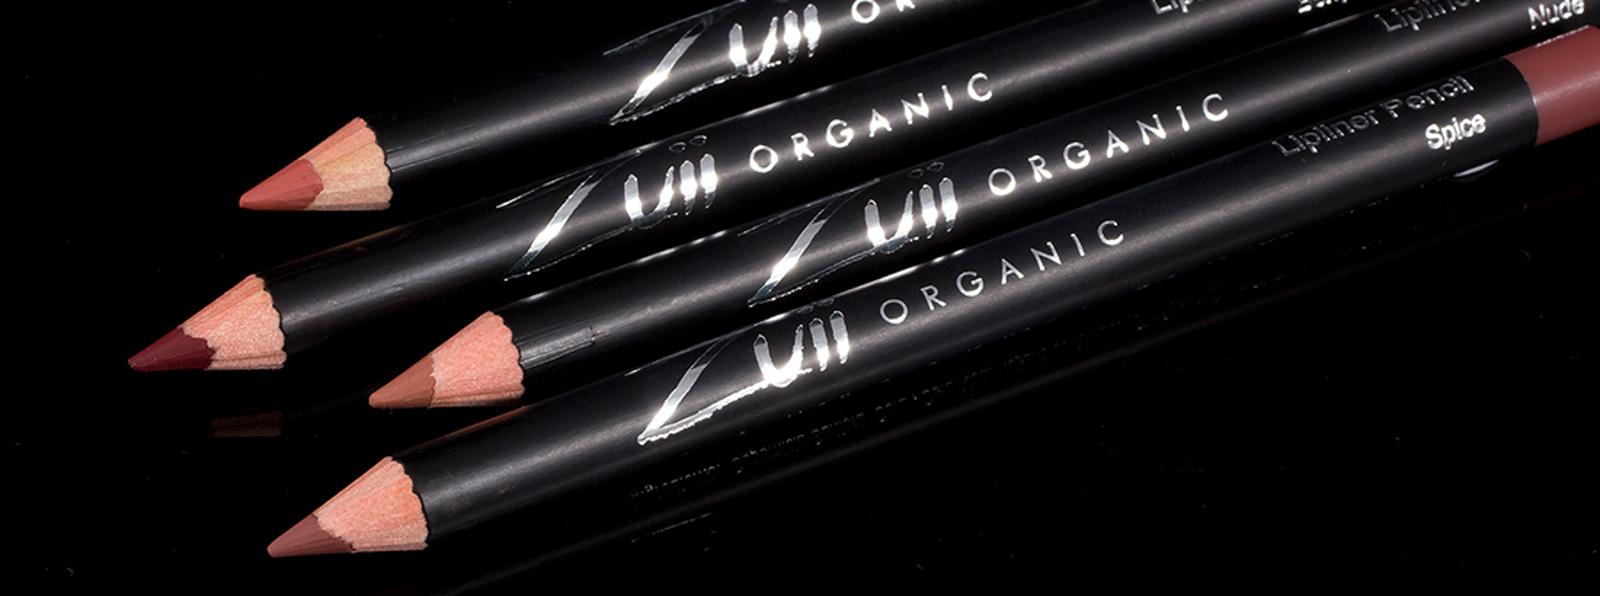 zuii Lip-Pencil-Banner